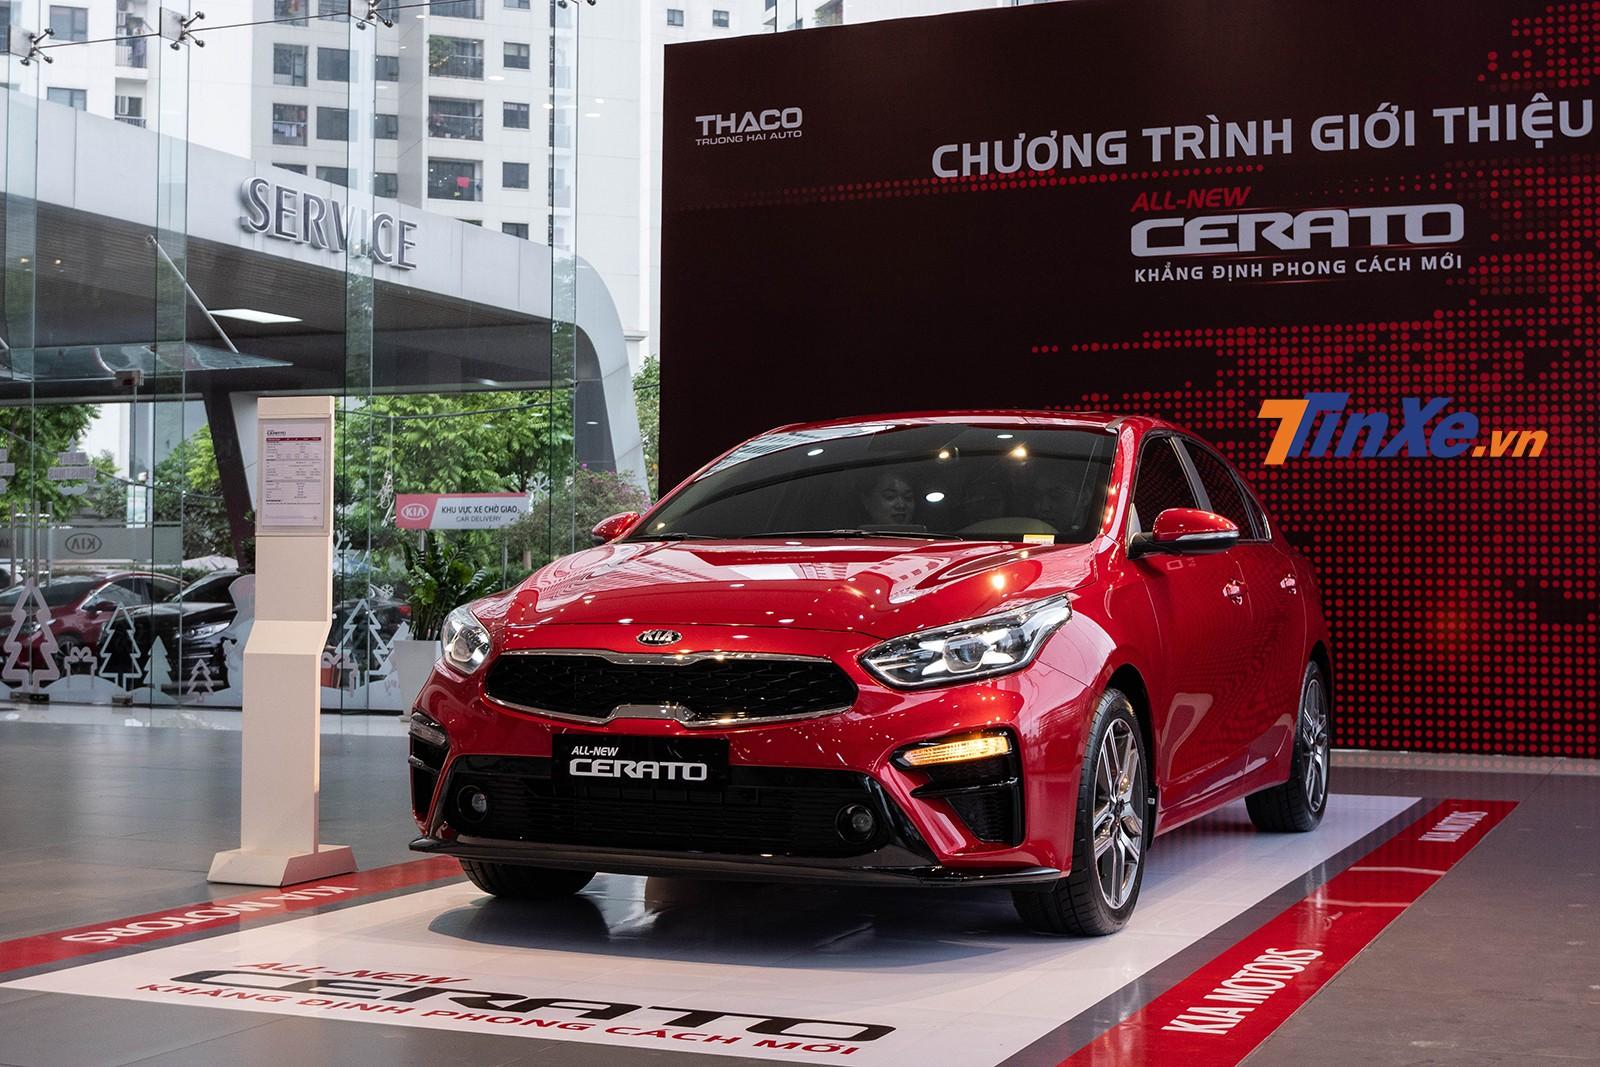 Thiết kế đầu xe của Kia Cerato 2019 tại Việt Nam